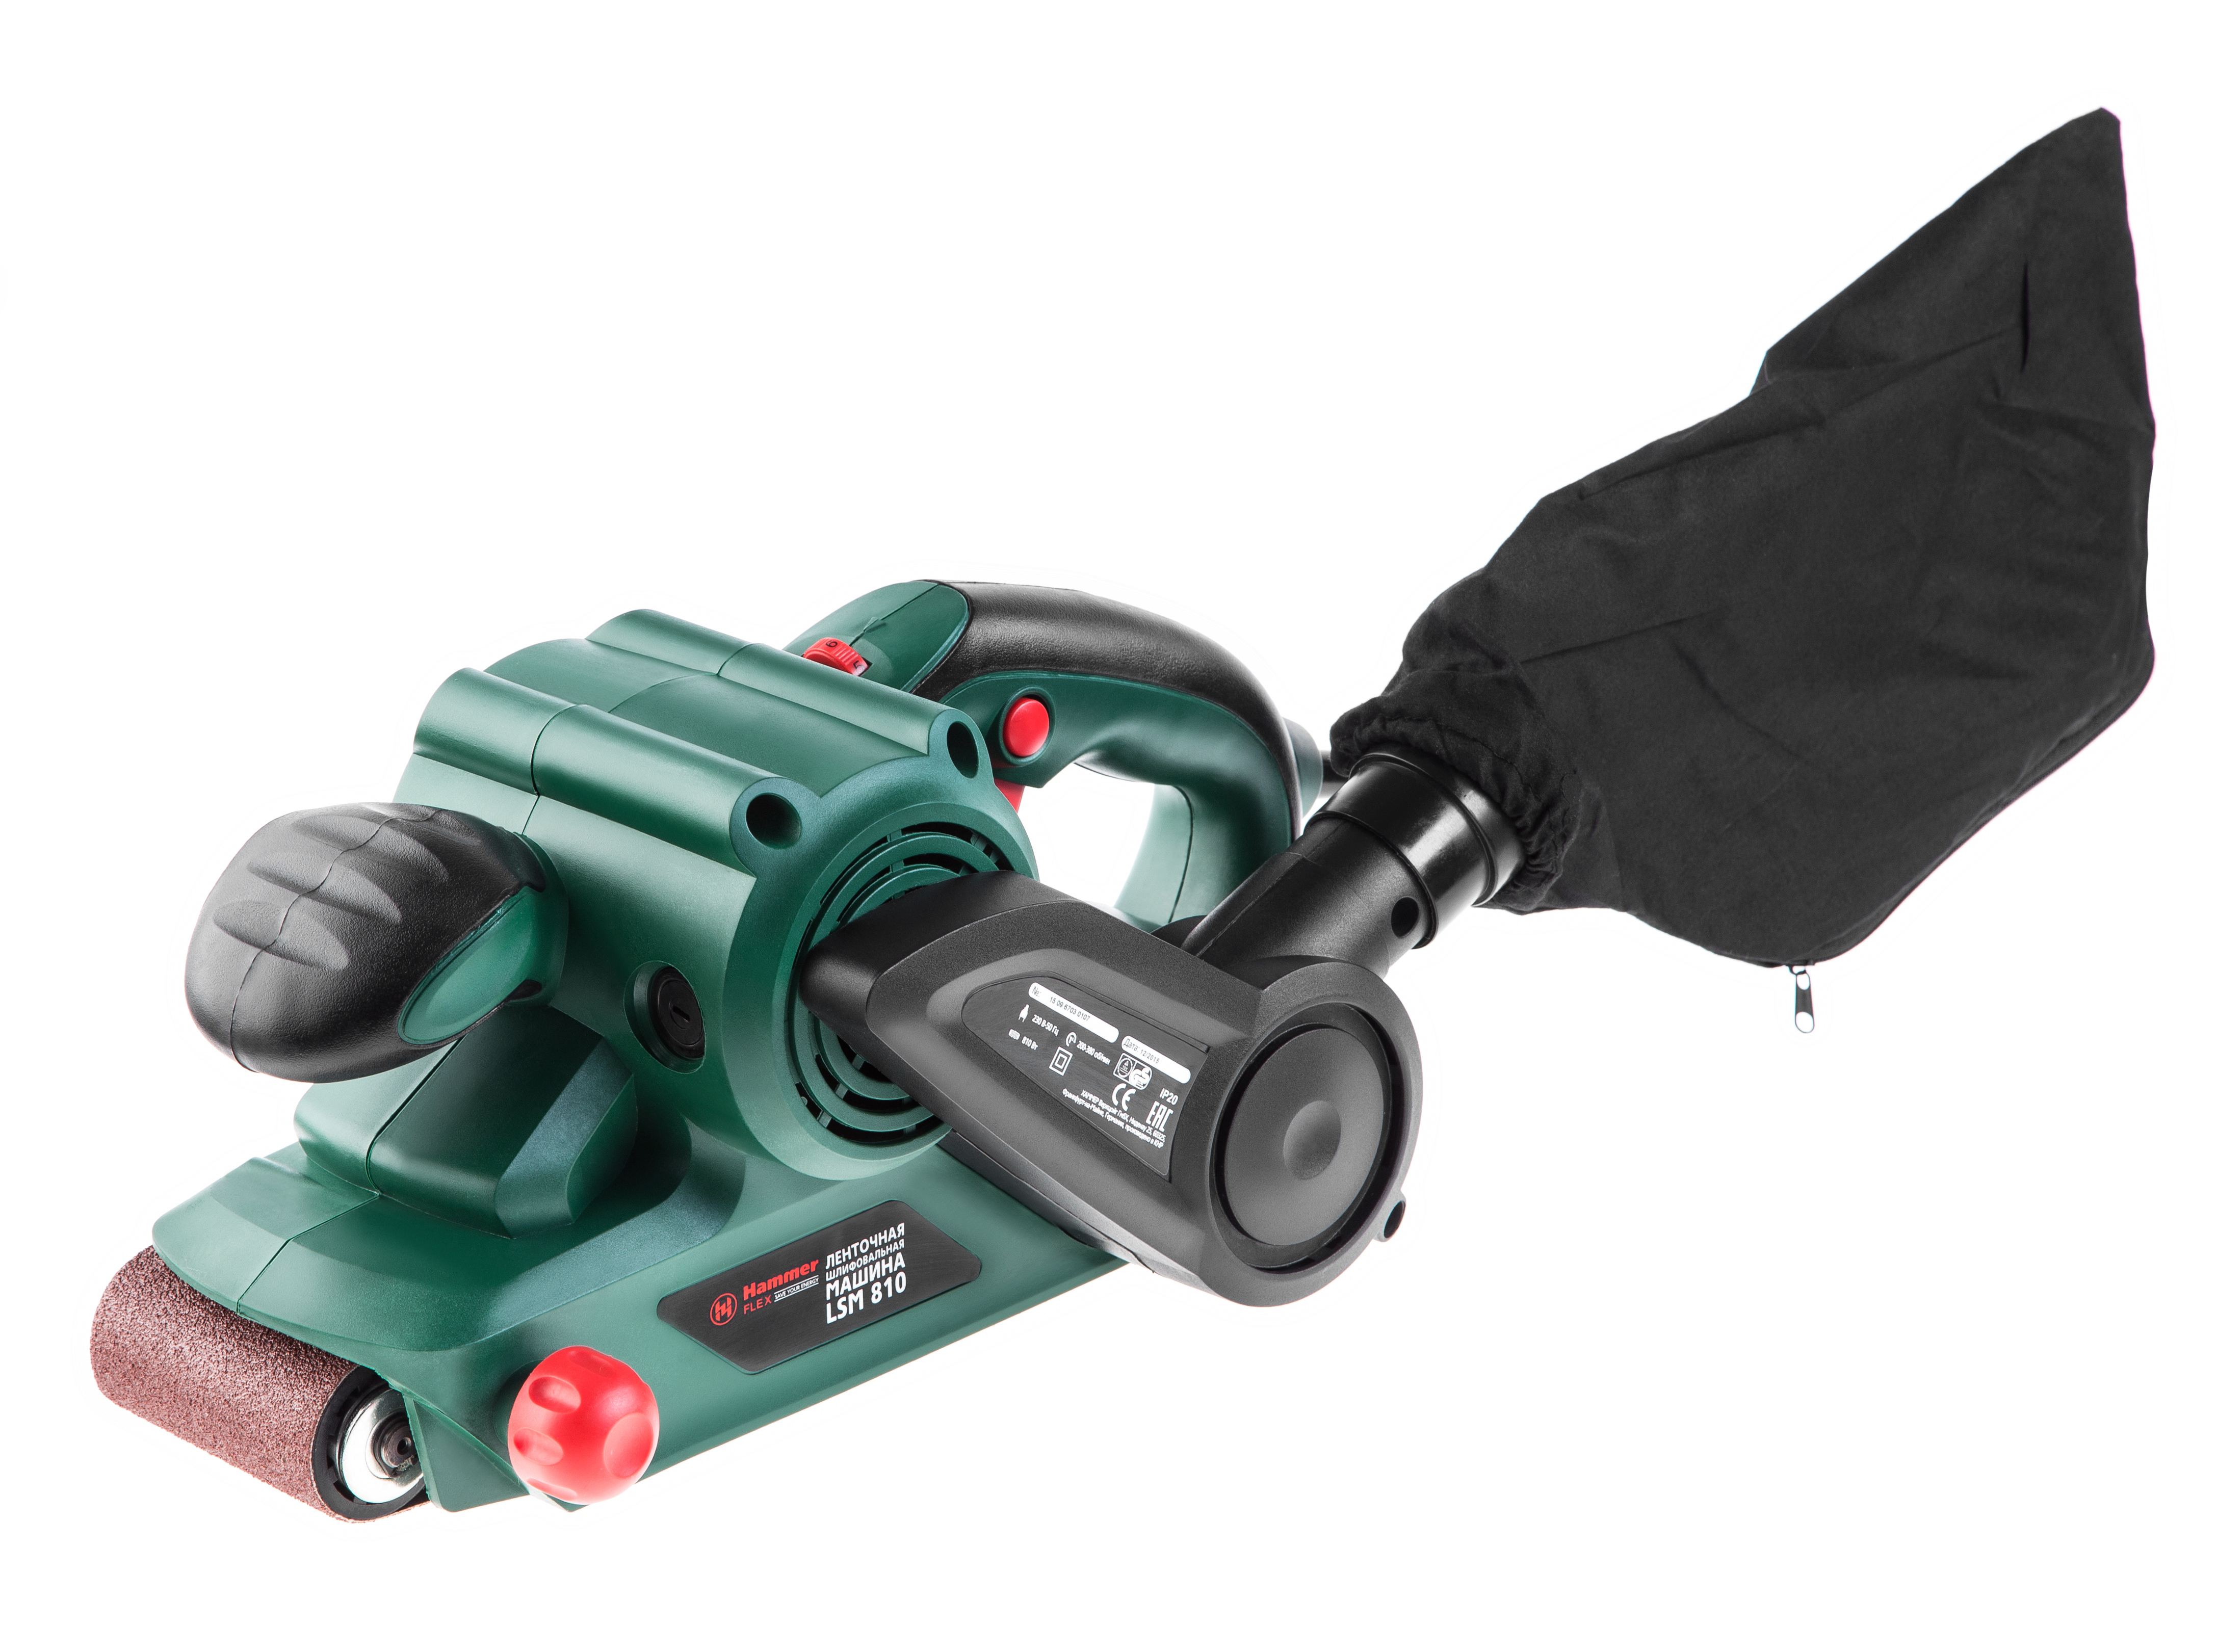 Машинка шлифовальная ленточная Hammer Lsm810 - это успешная покупка. Ведь выбрать продукцию производителя Hammer - это удобно и цена нормальная.